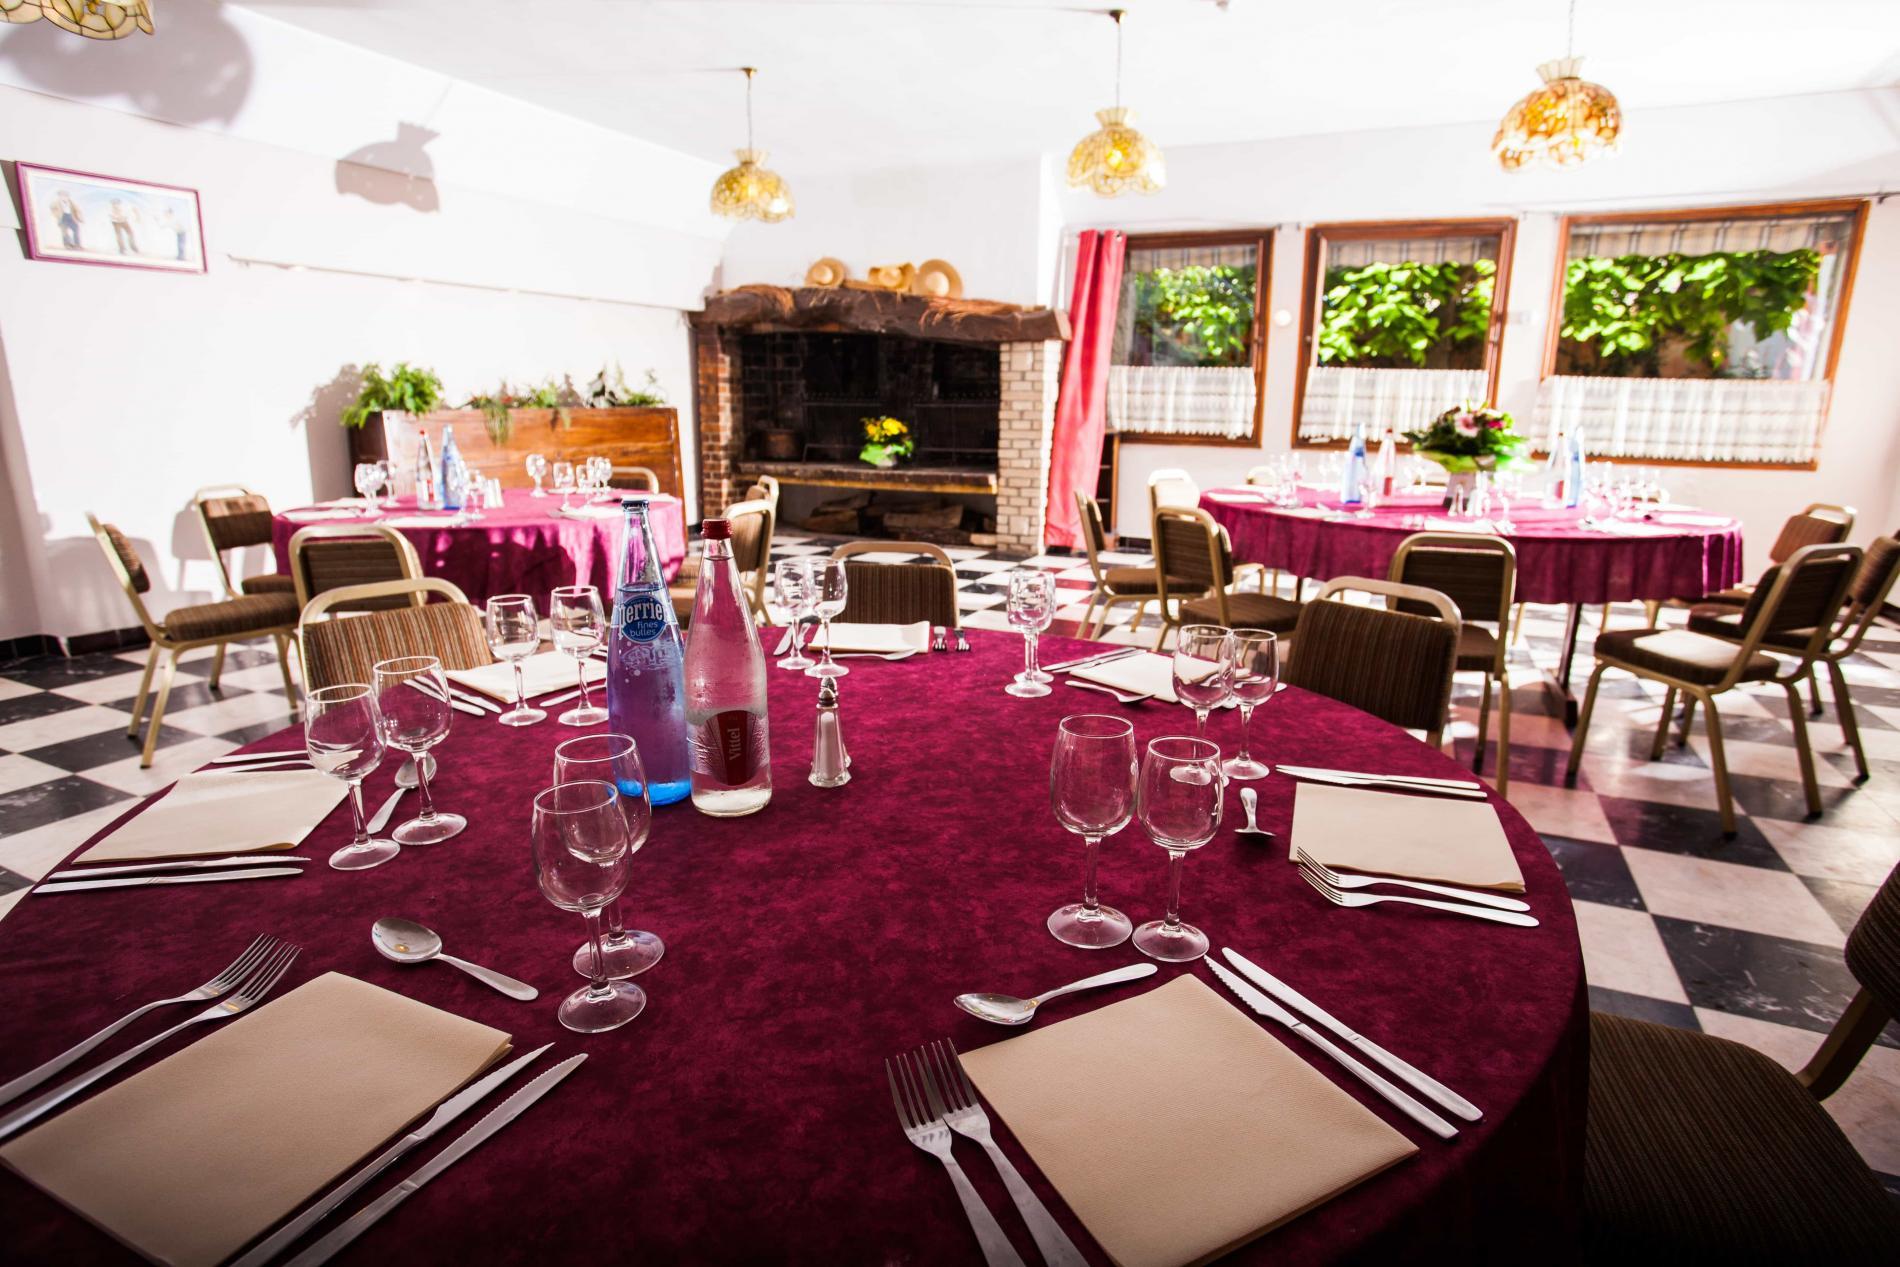 Repas de groupe toute l'année, midi et soir, sur réservation préalable.